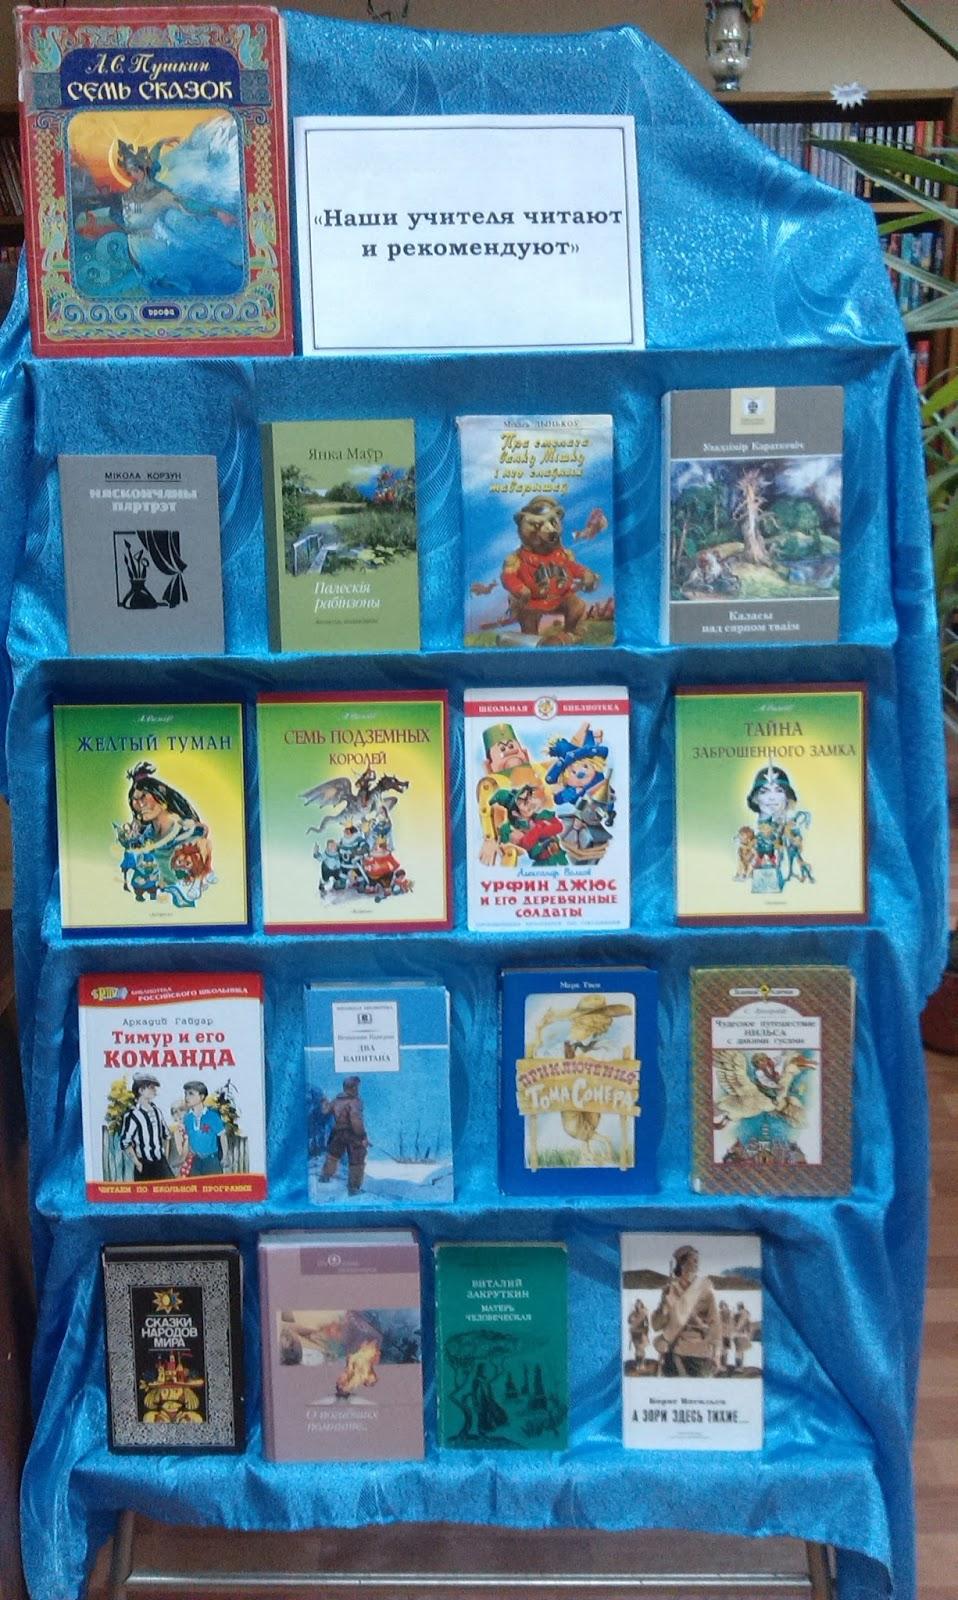 Картинки о лете для оформления библиотеки